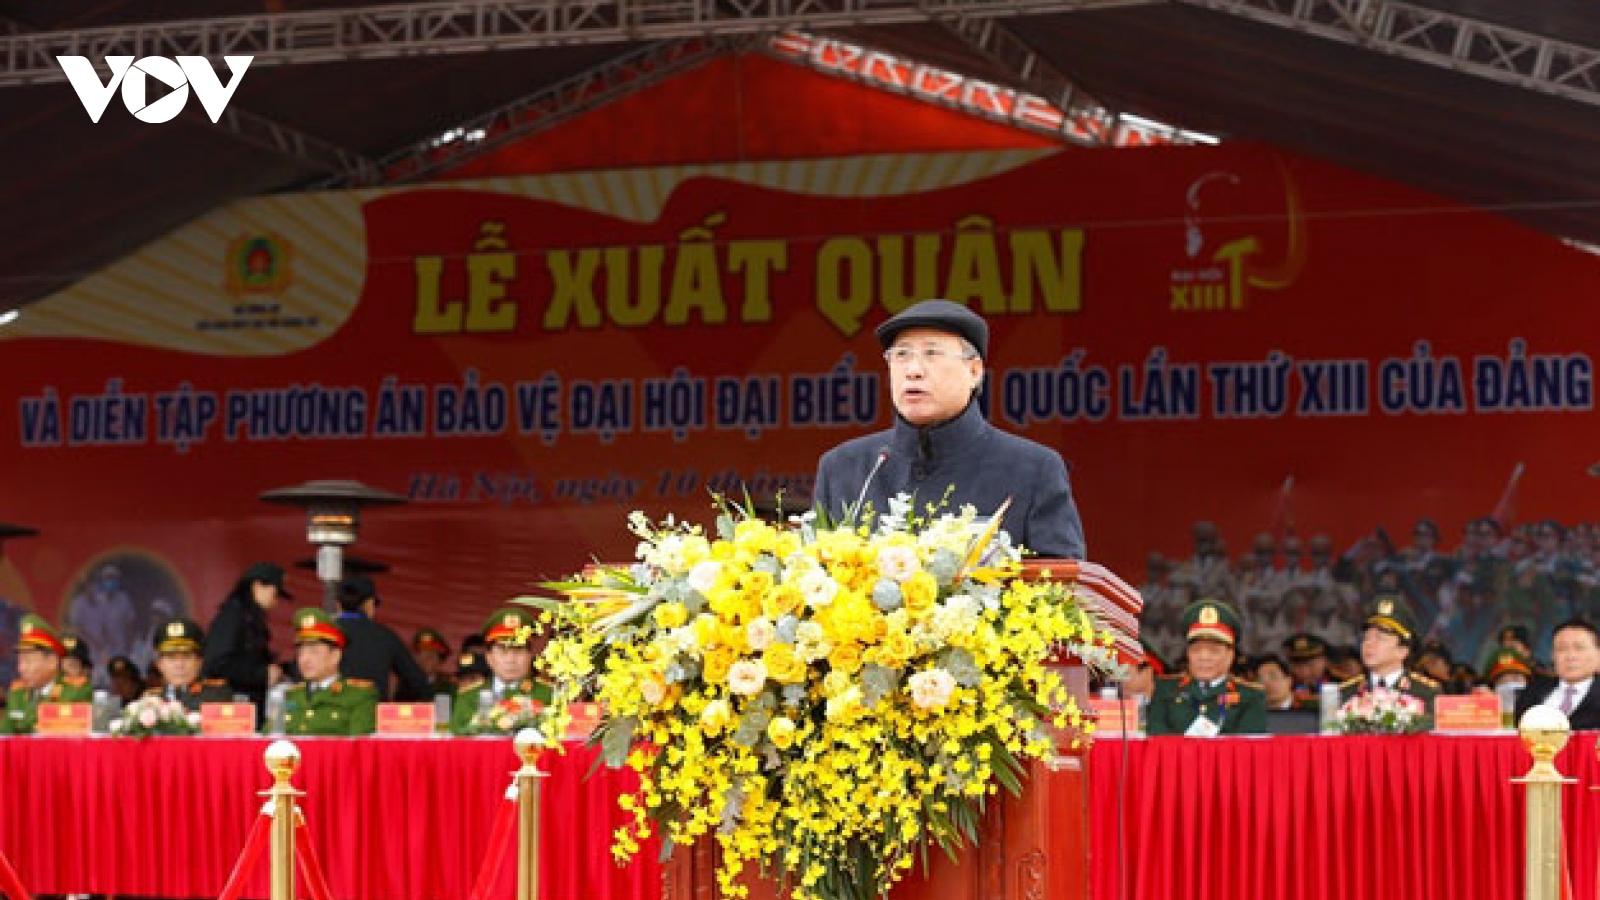 Thường trực Ban Bí thư Trần Quốc Vượng dự lễ xuất quân và diễn tập bảo vệ Đại hội Đảng 13